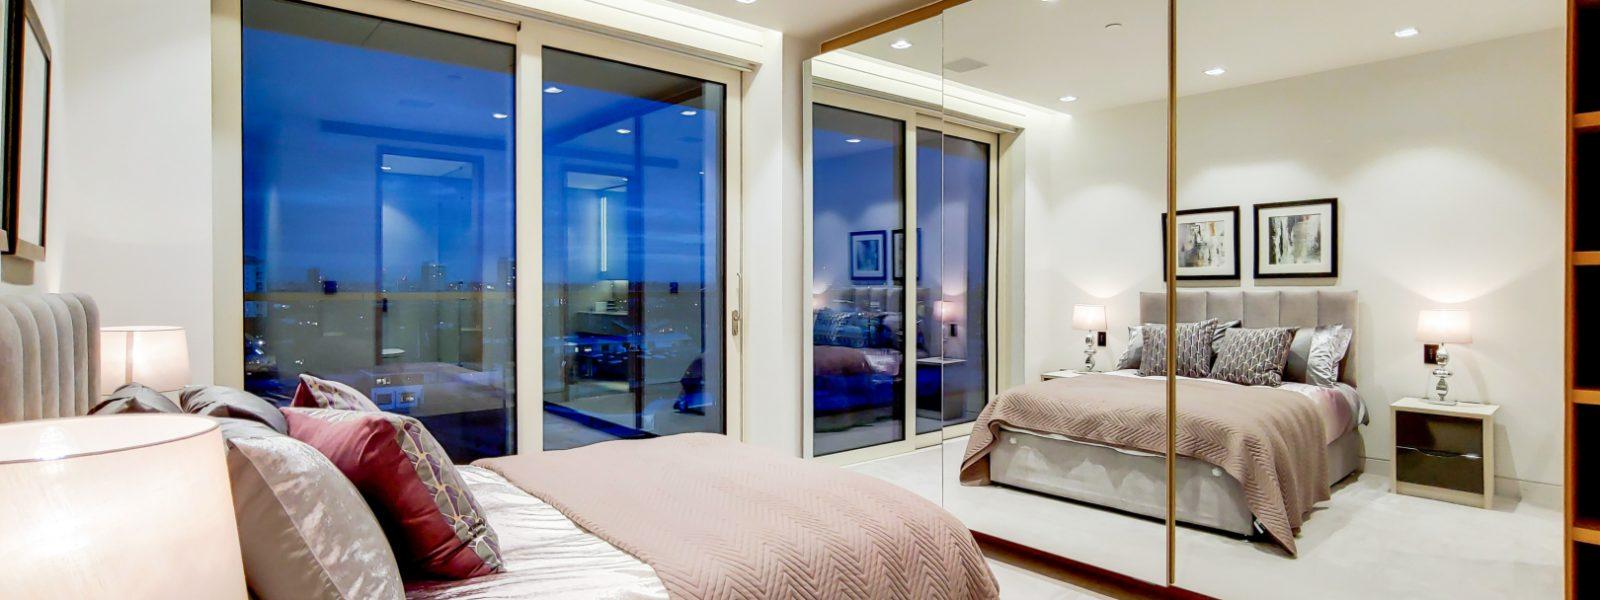 7_Bedroom 2-1